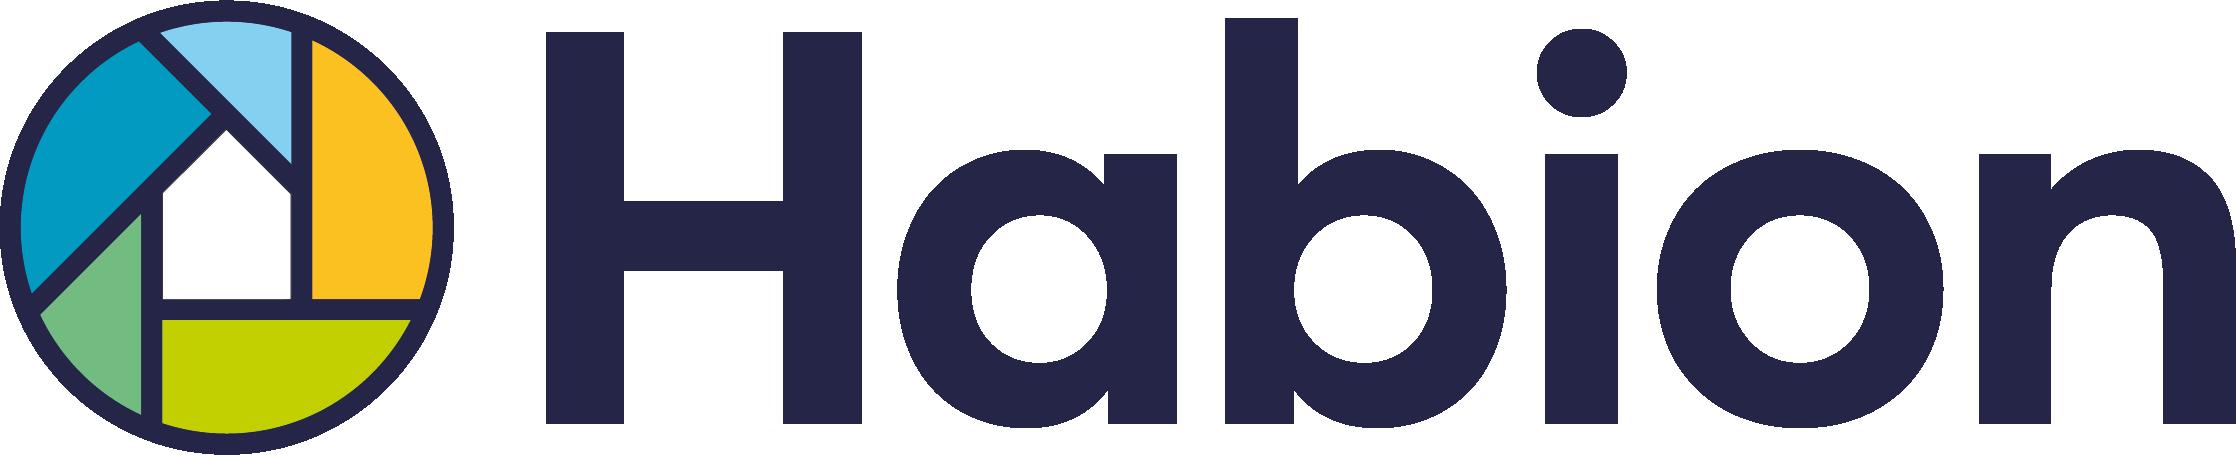 habion-logo-cmyk